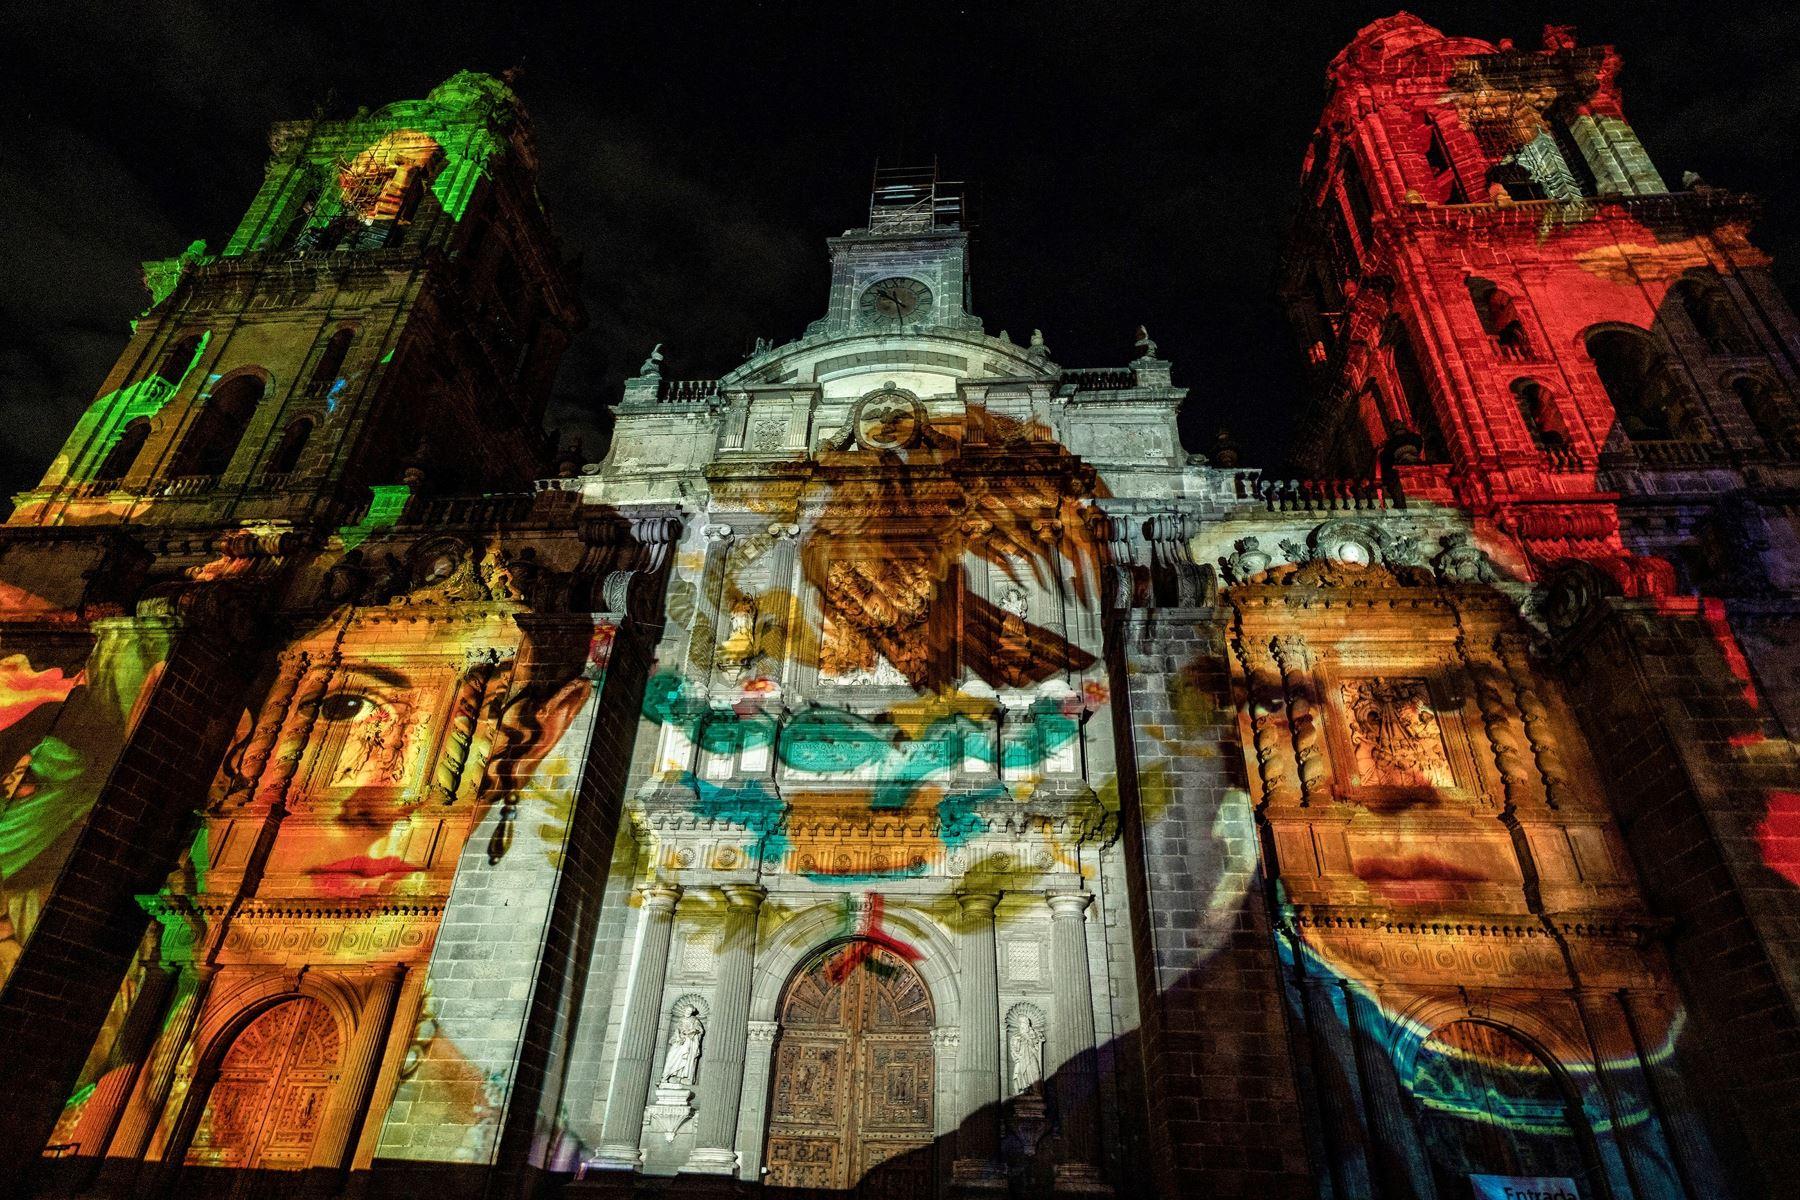 La proyección de un video con tecnología mapping en la Catedral muestra la imagen de José María Morelos y Pavón durante la ceremonia del 211 aniversario del Grito de Independencia, en Ciudad de México. Foto: EFE